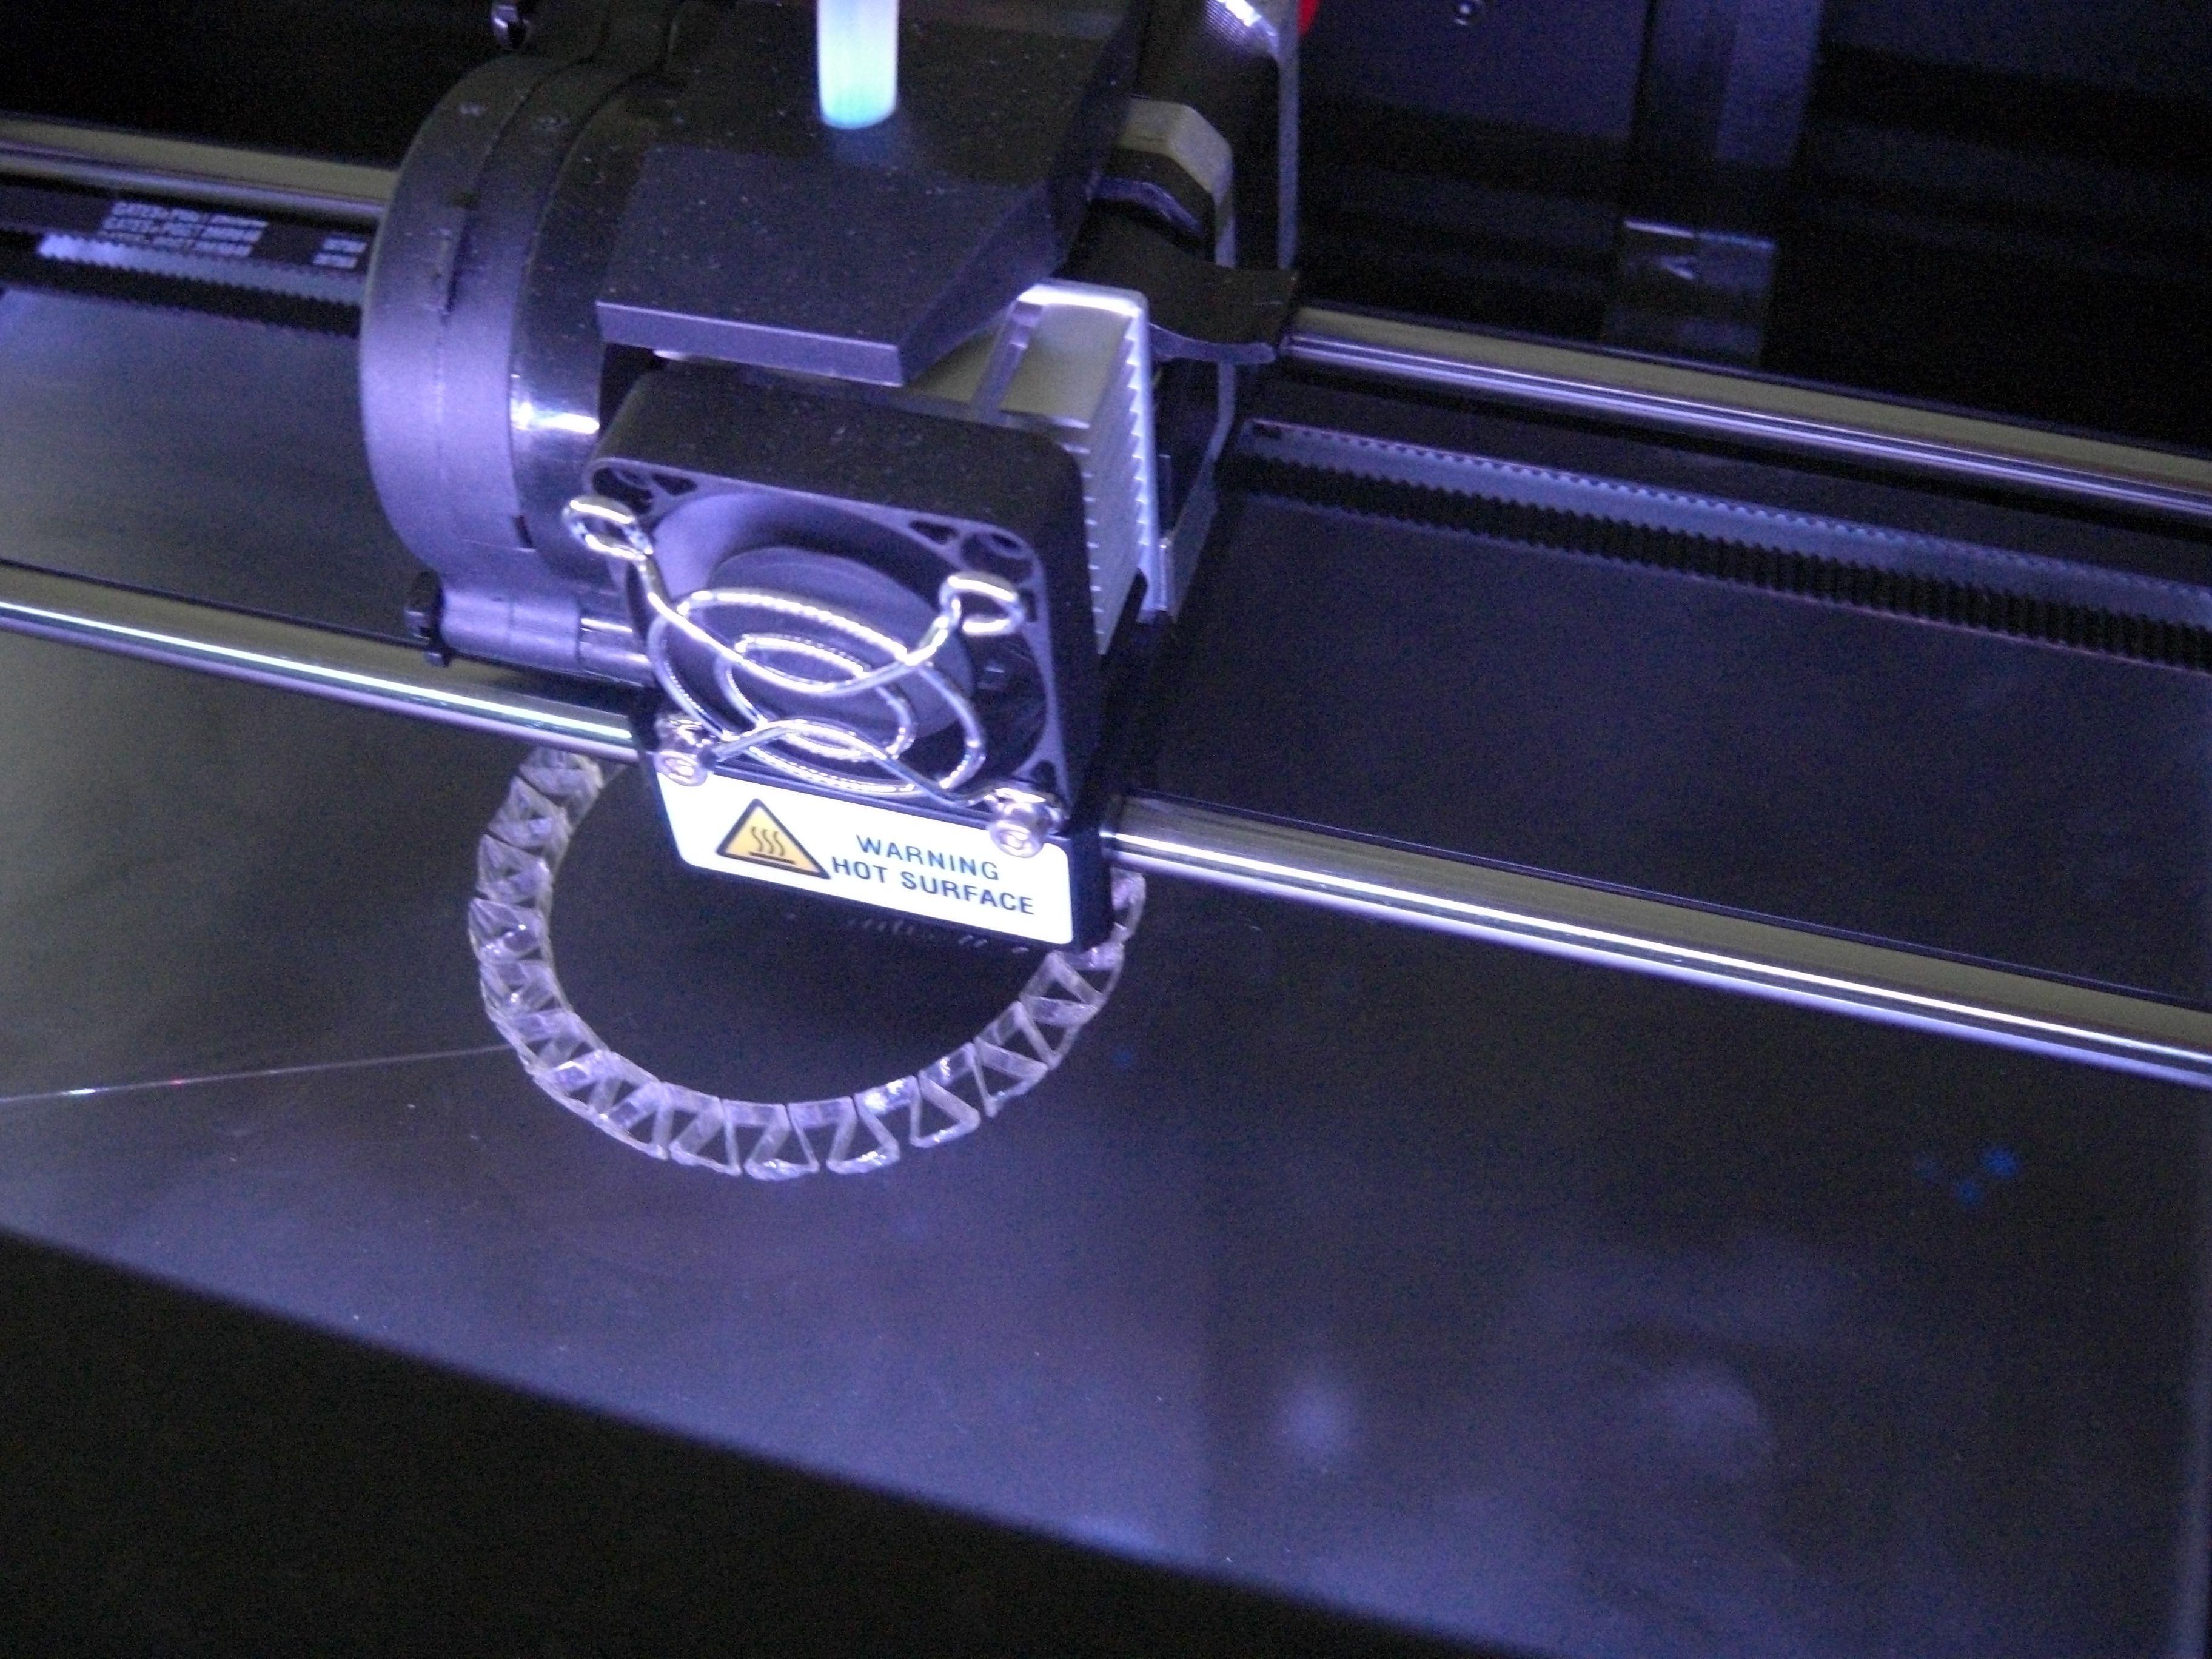 DMY-Festival - 3D-Drucker mini - Inside, printing plastic bracelet